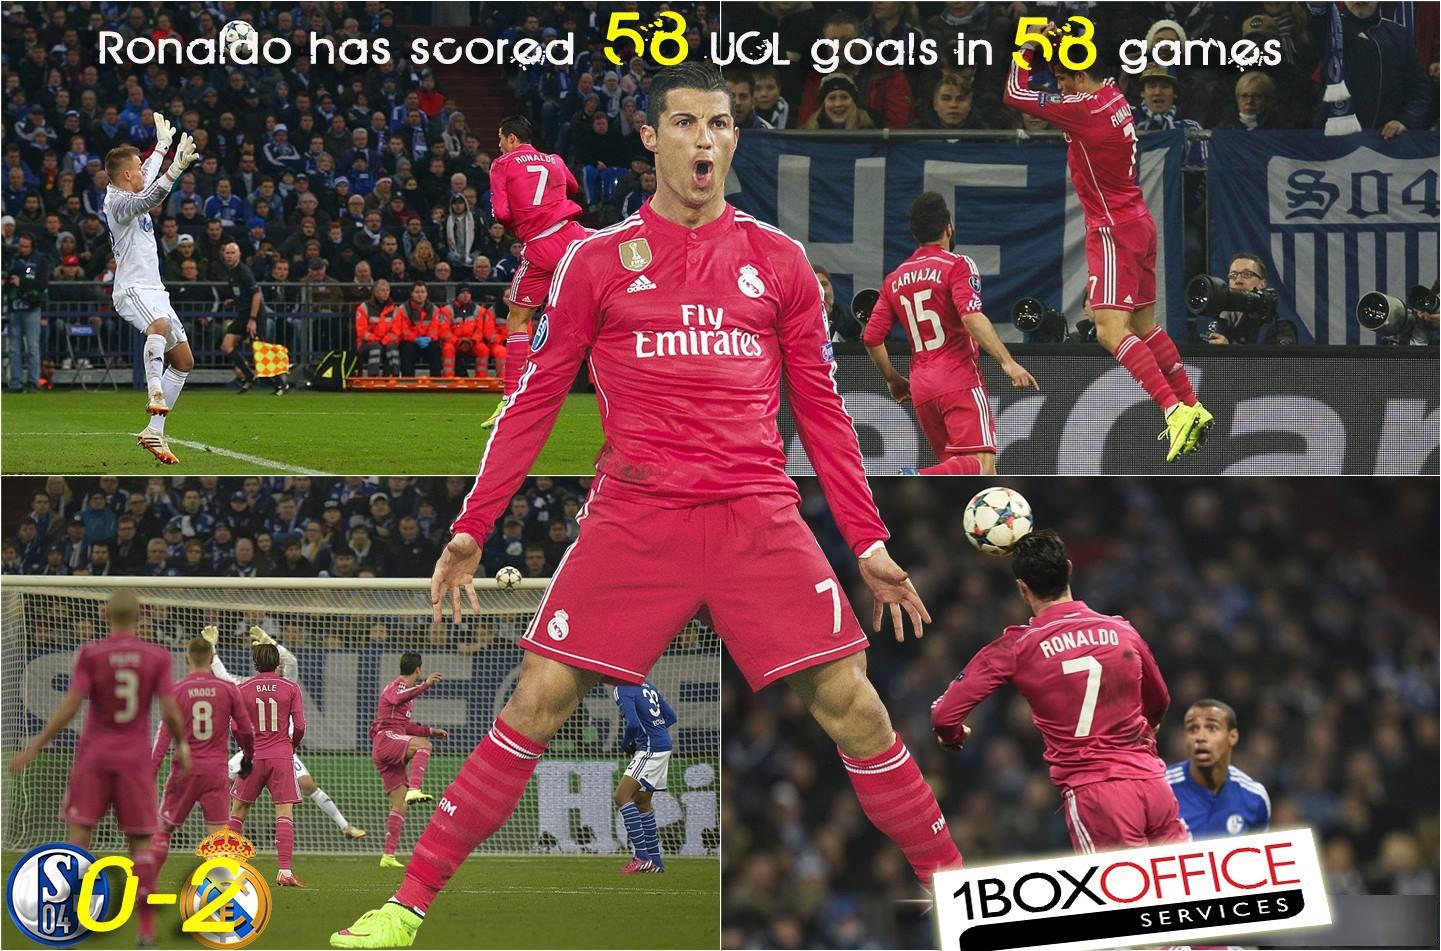 من 1 إلى 10 كم تعطي كريستيانو رونالدو كهداف Www 1boxoffice Com From 1 To 10 Rate Cristiano Ronaldo As A Goal Scorer Sport Event Ronaldo Debate News